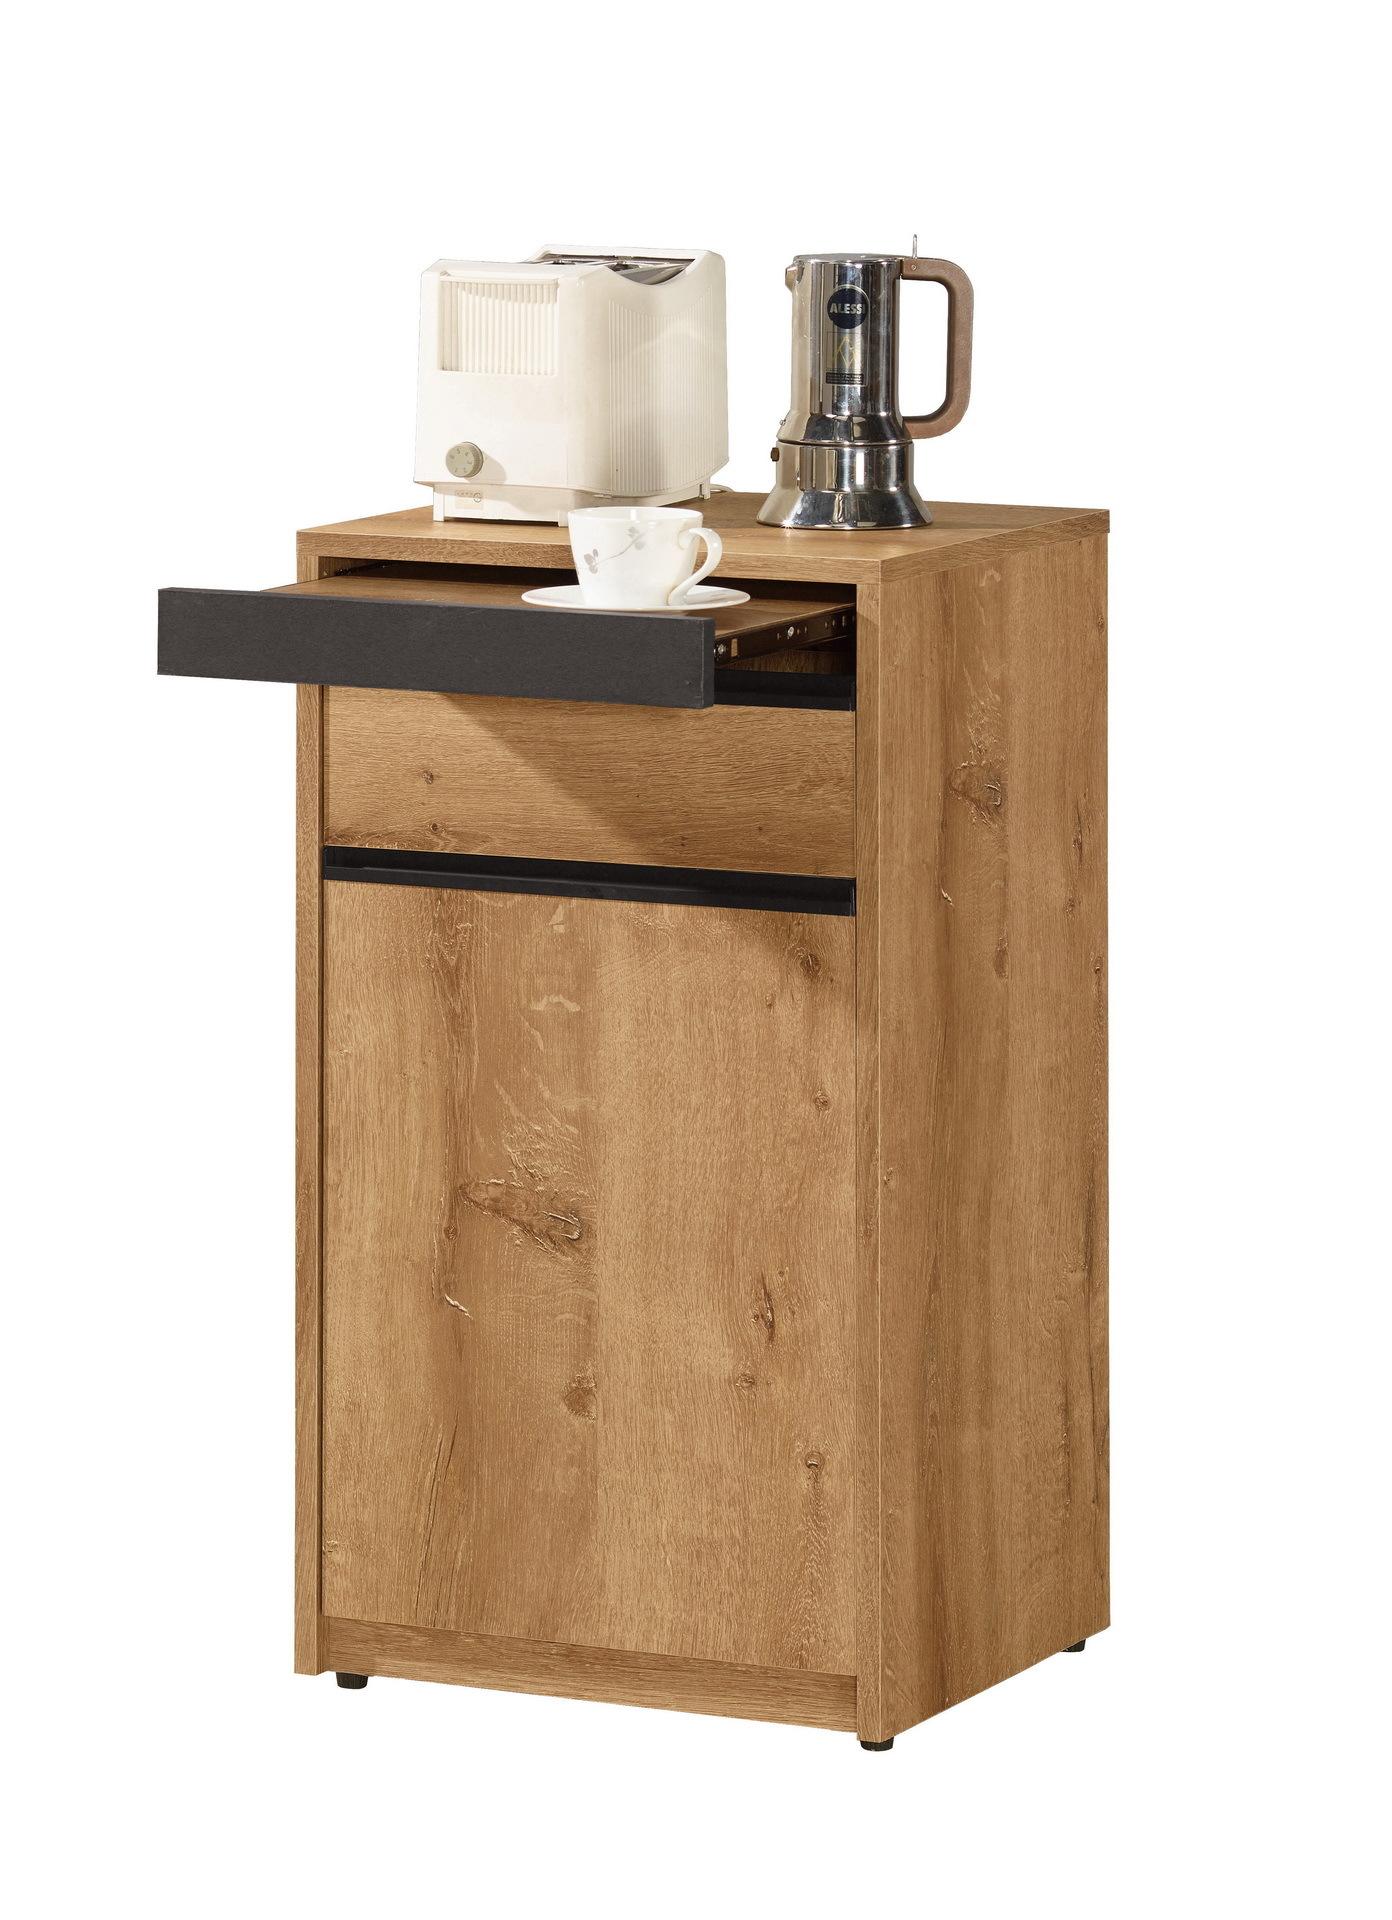 404-4 費利斯1.5尺餐櫃.jpg